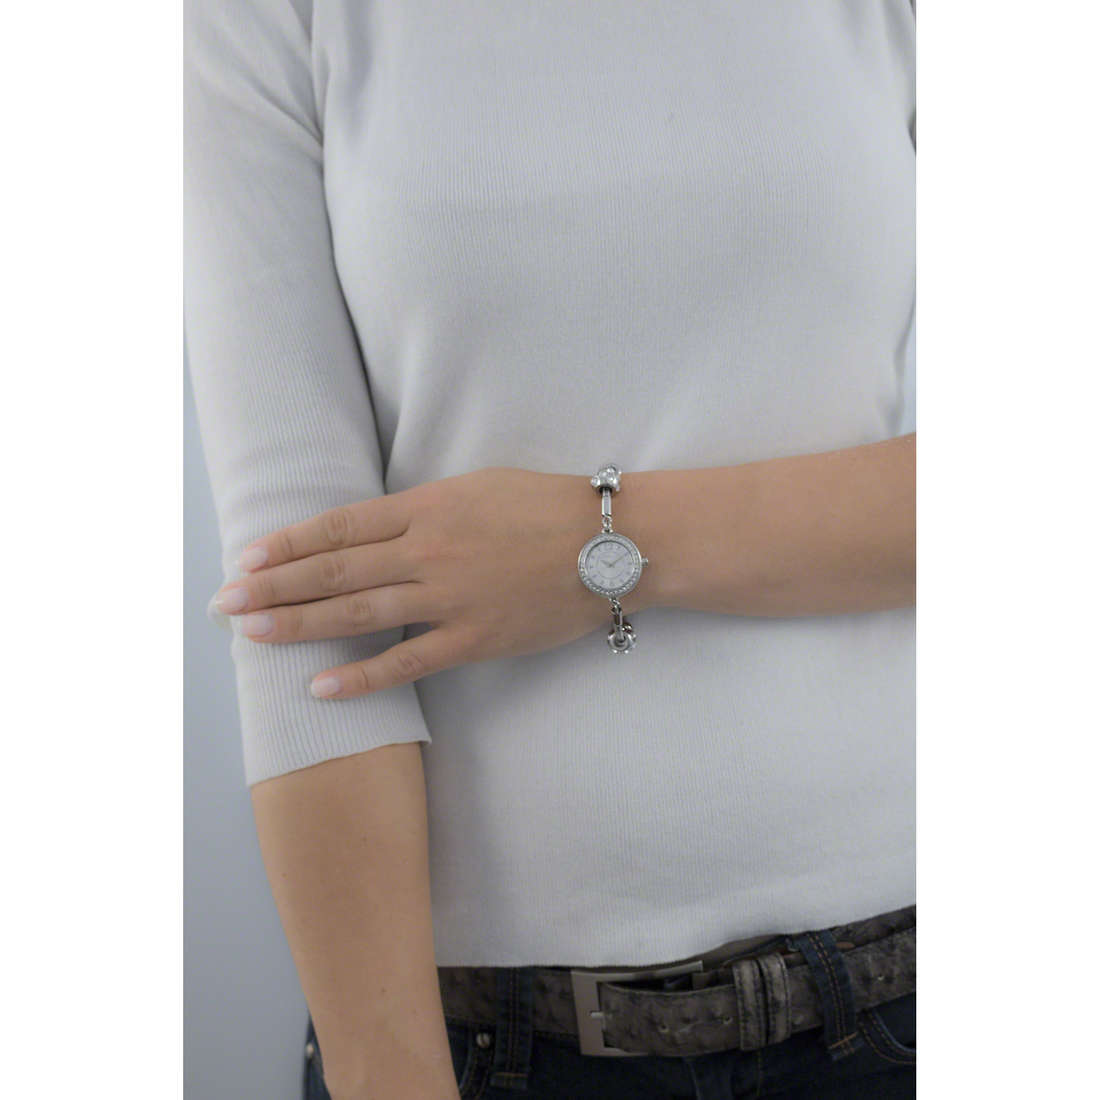 Morellato solo tempo Drops Orologi donna R0153122507 indosso